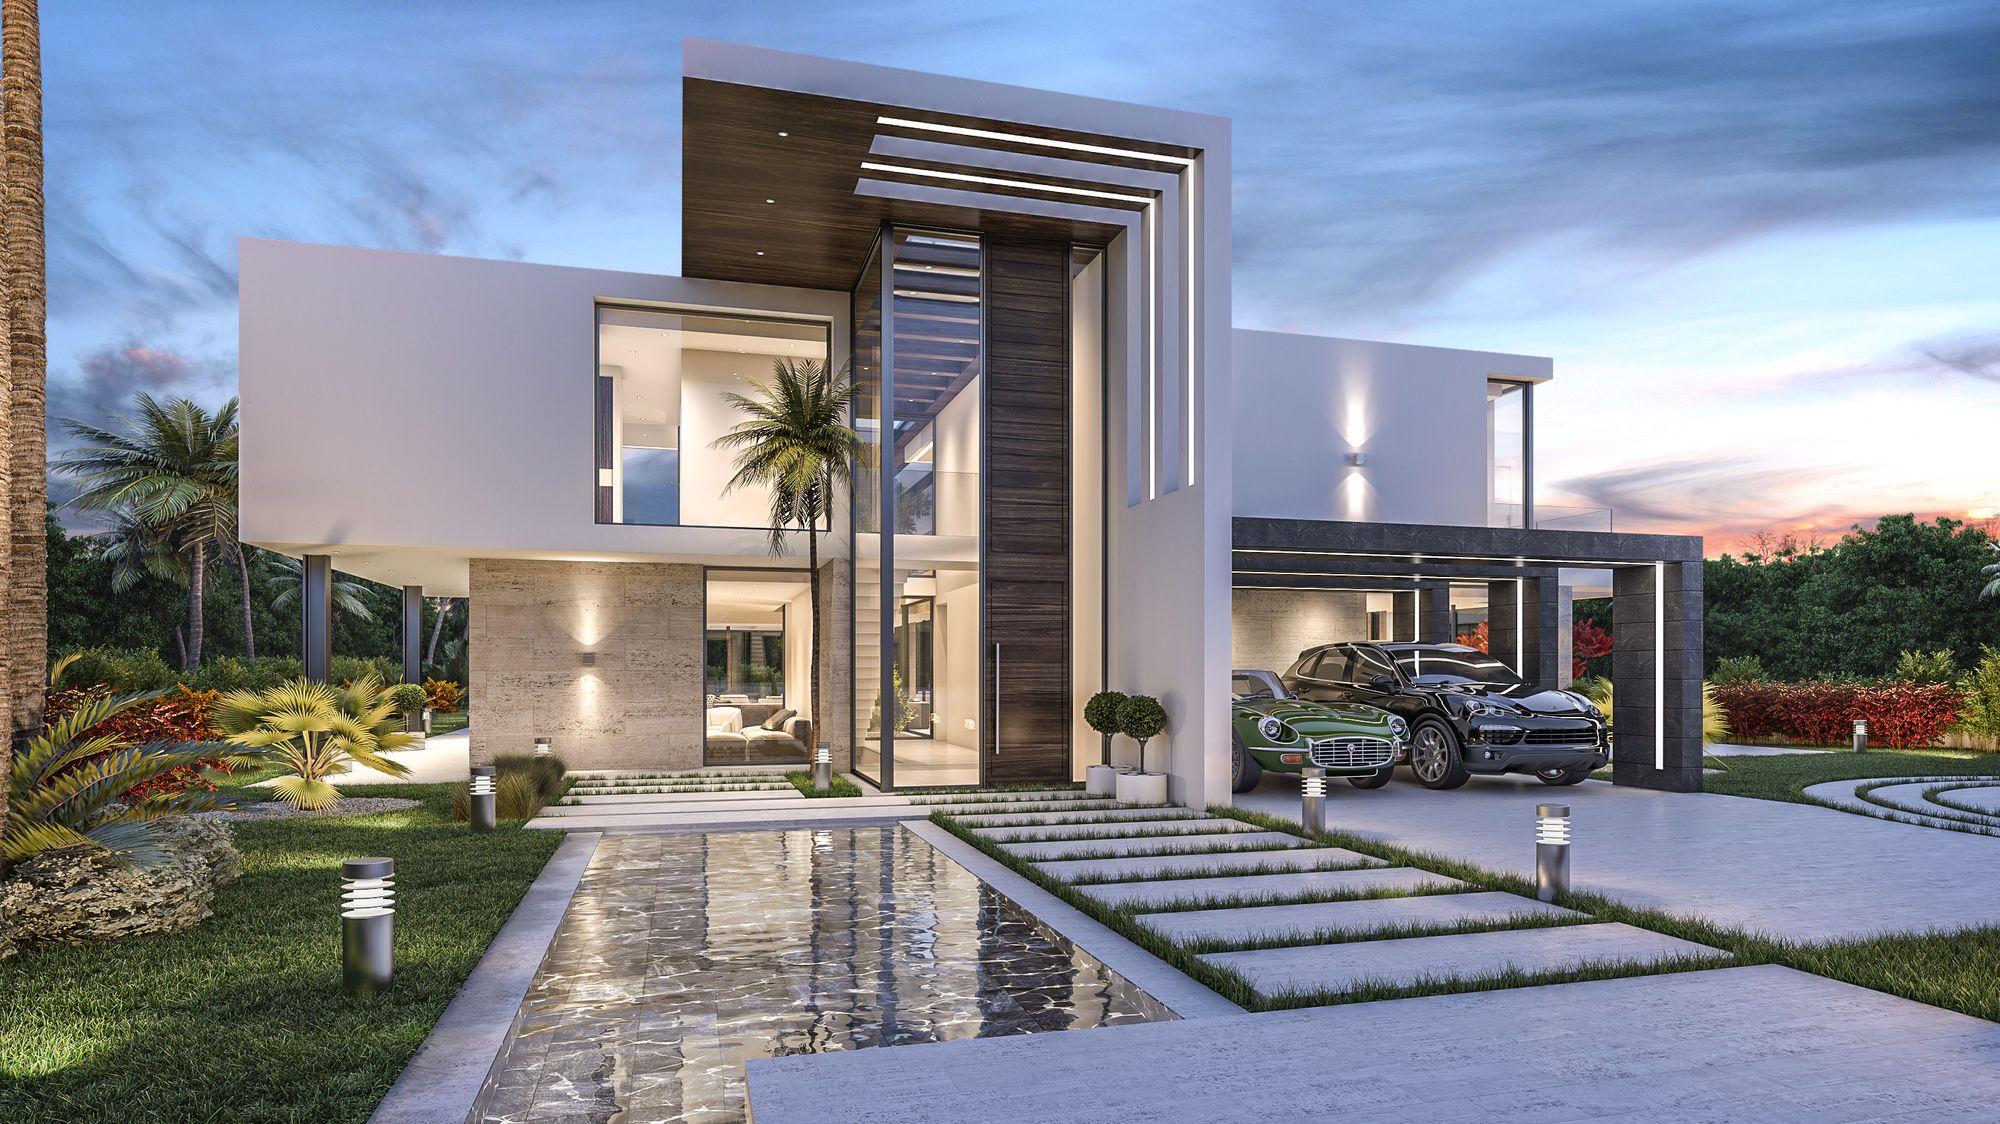 New Modern Luxury Villa project in Marbella, Spain ...